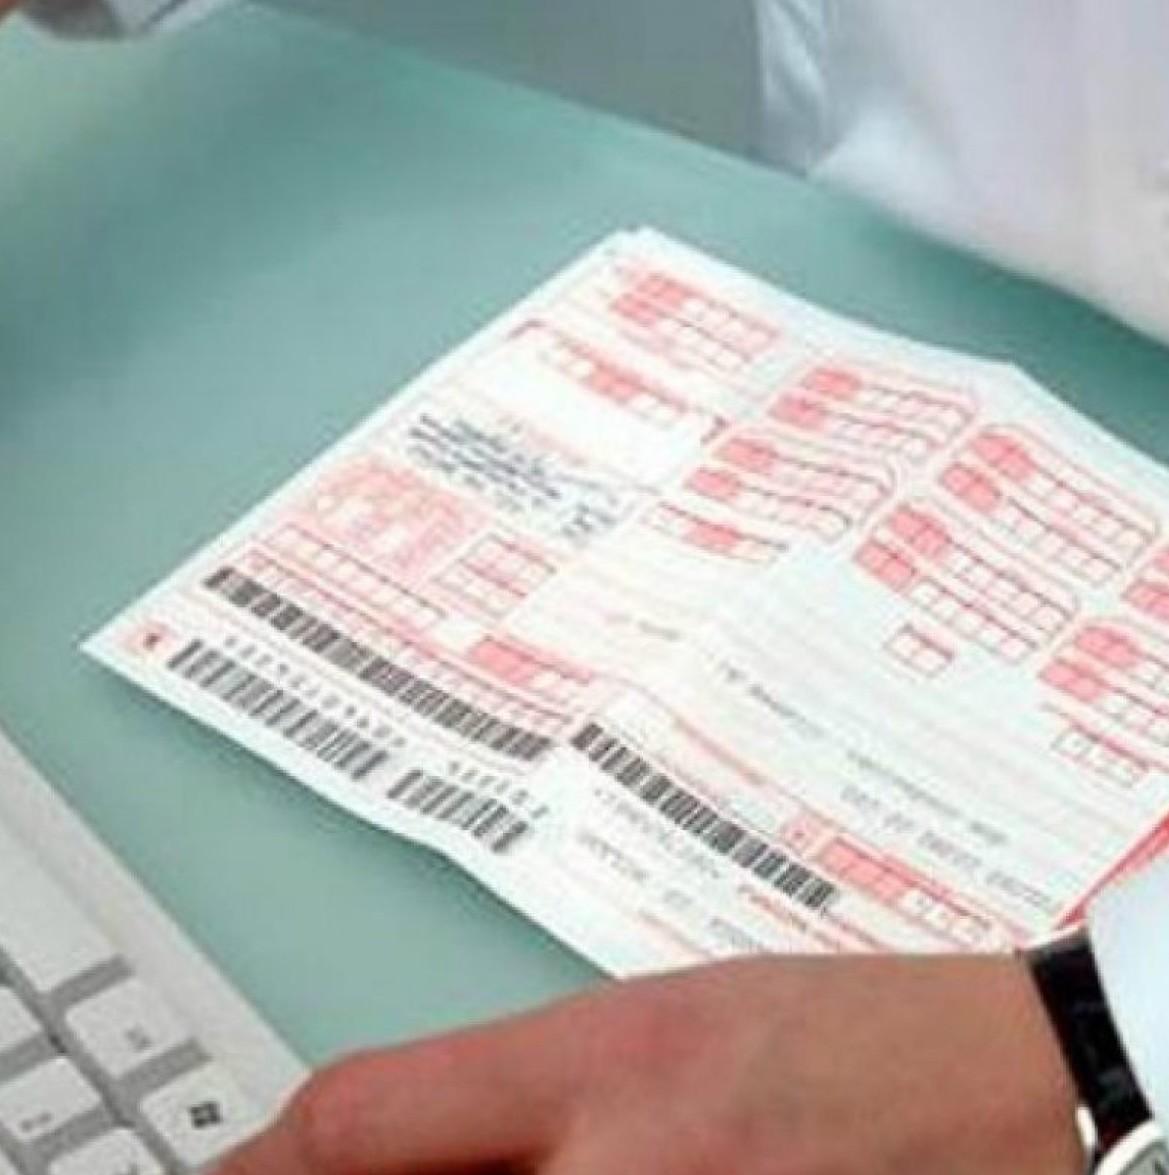 Ricetta elettronica medica 2020 durata, validità e scadenza